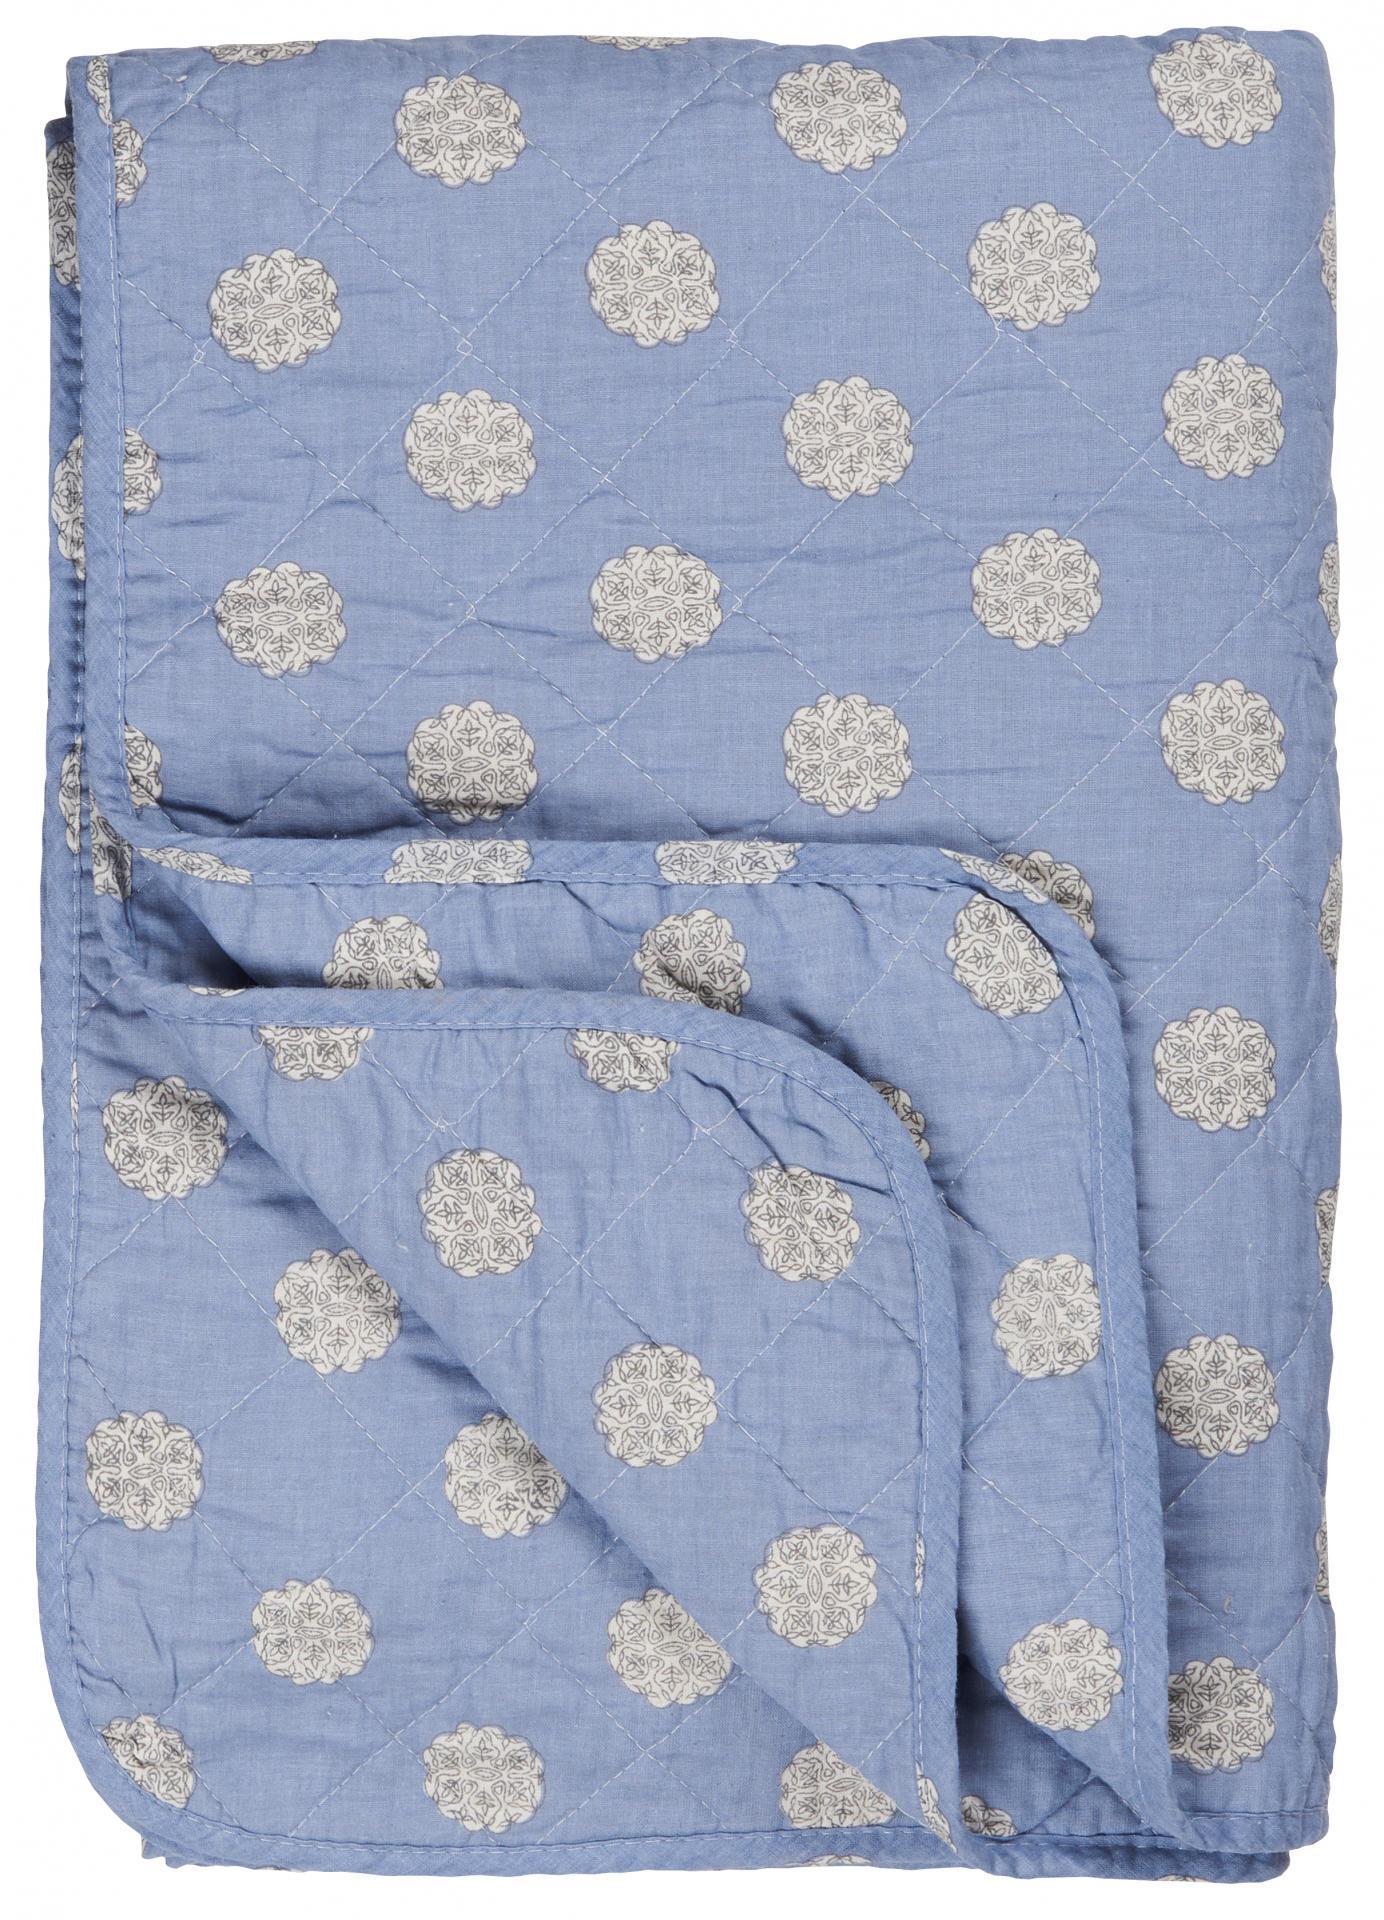 IB LAURSEN Prošívaná deka Blue/circle pattern 130x180 cm, modrá barva, textil